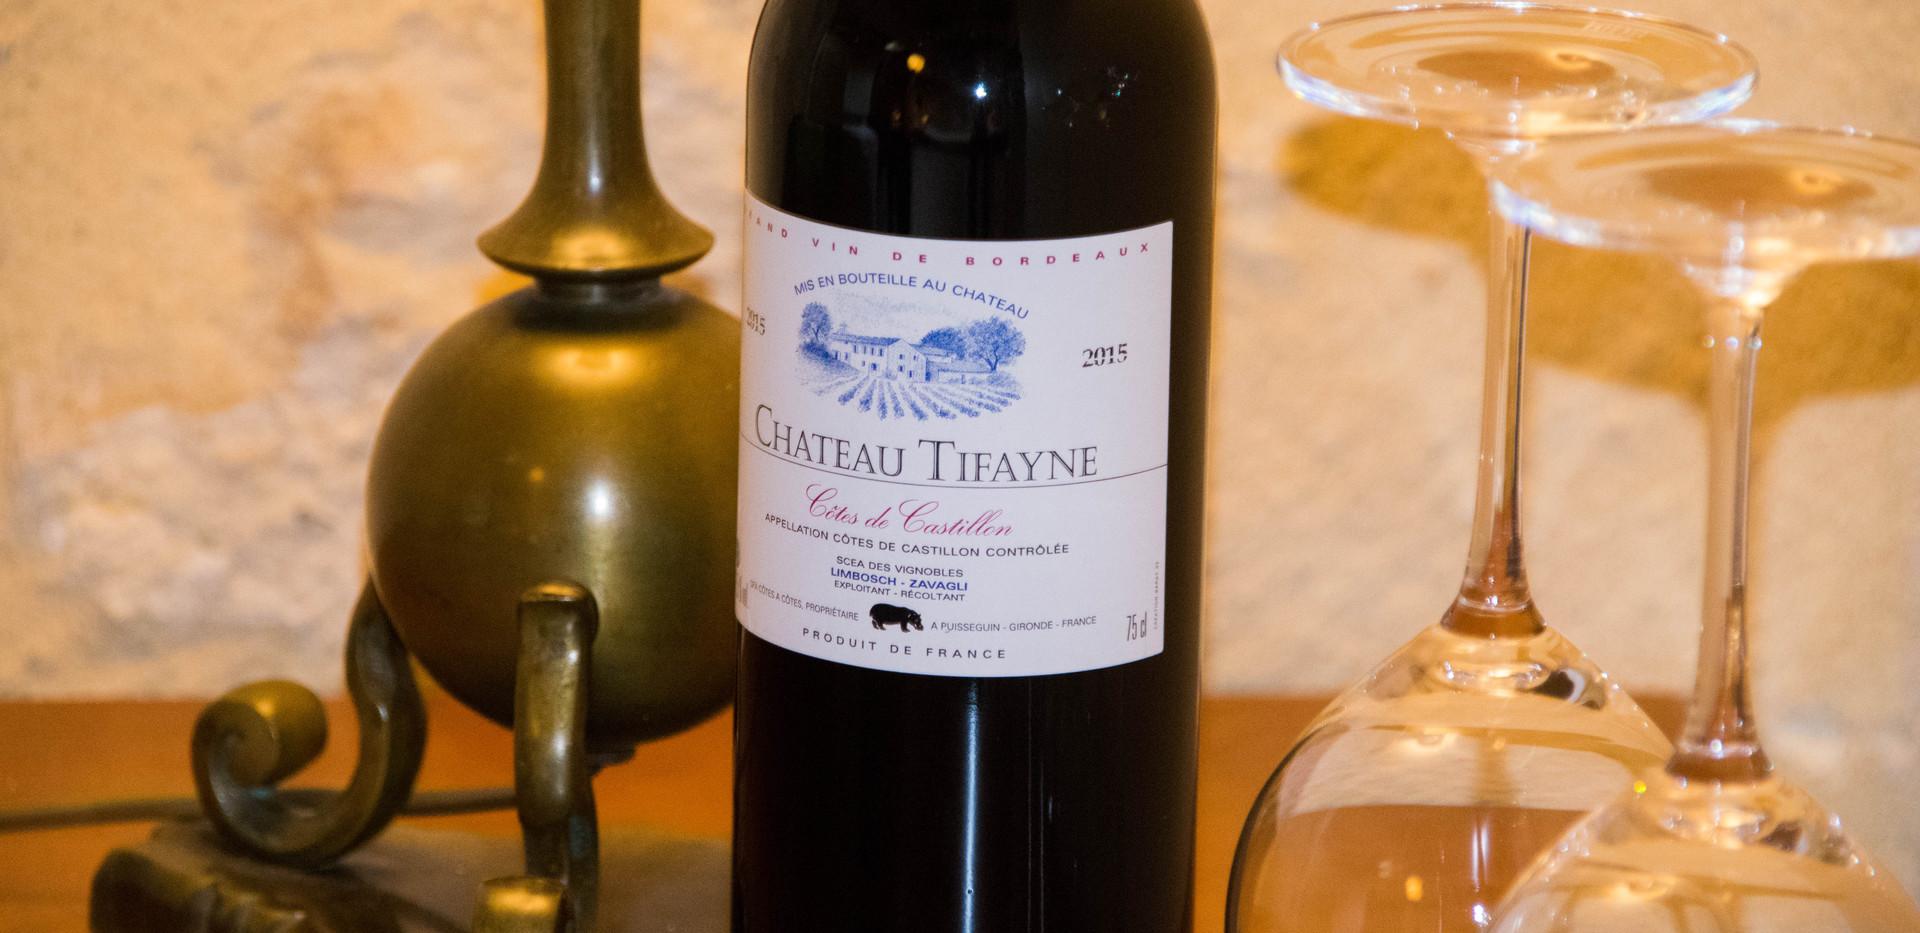 Un verre de vin rouge Tifayne - Castillon Côtes de Bordeaux